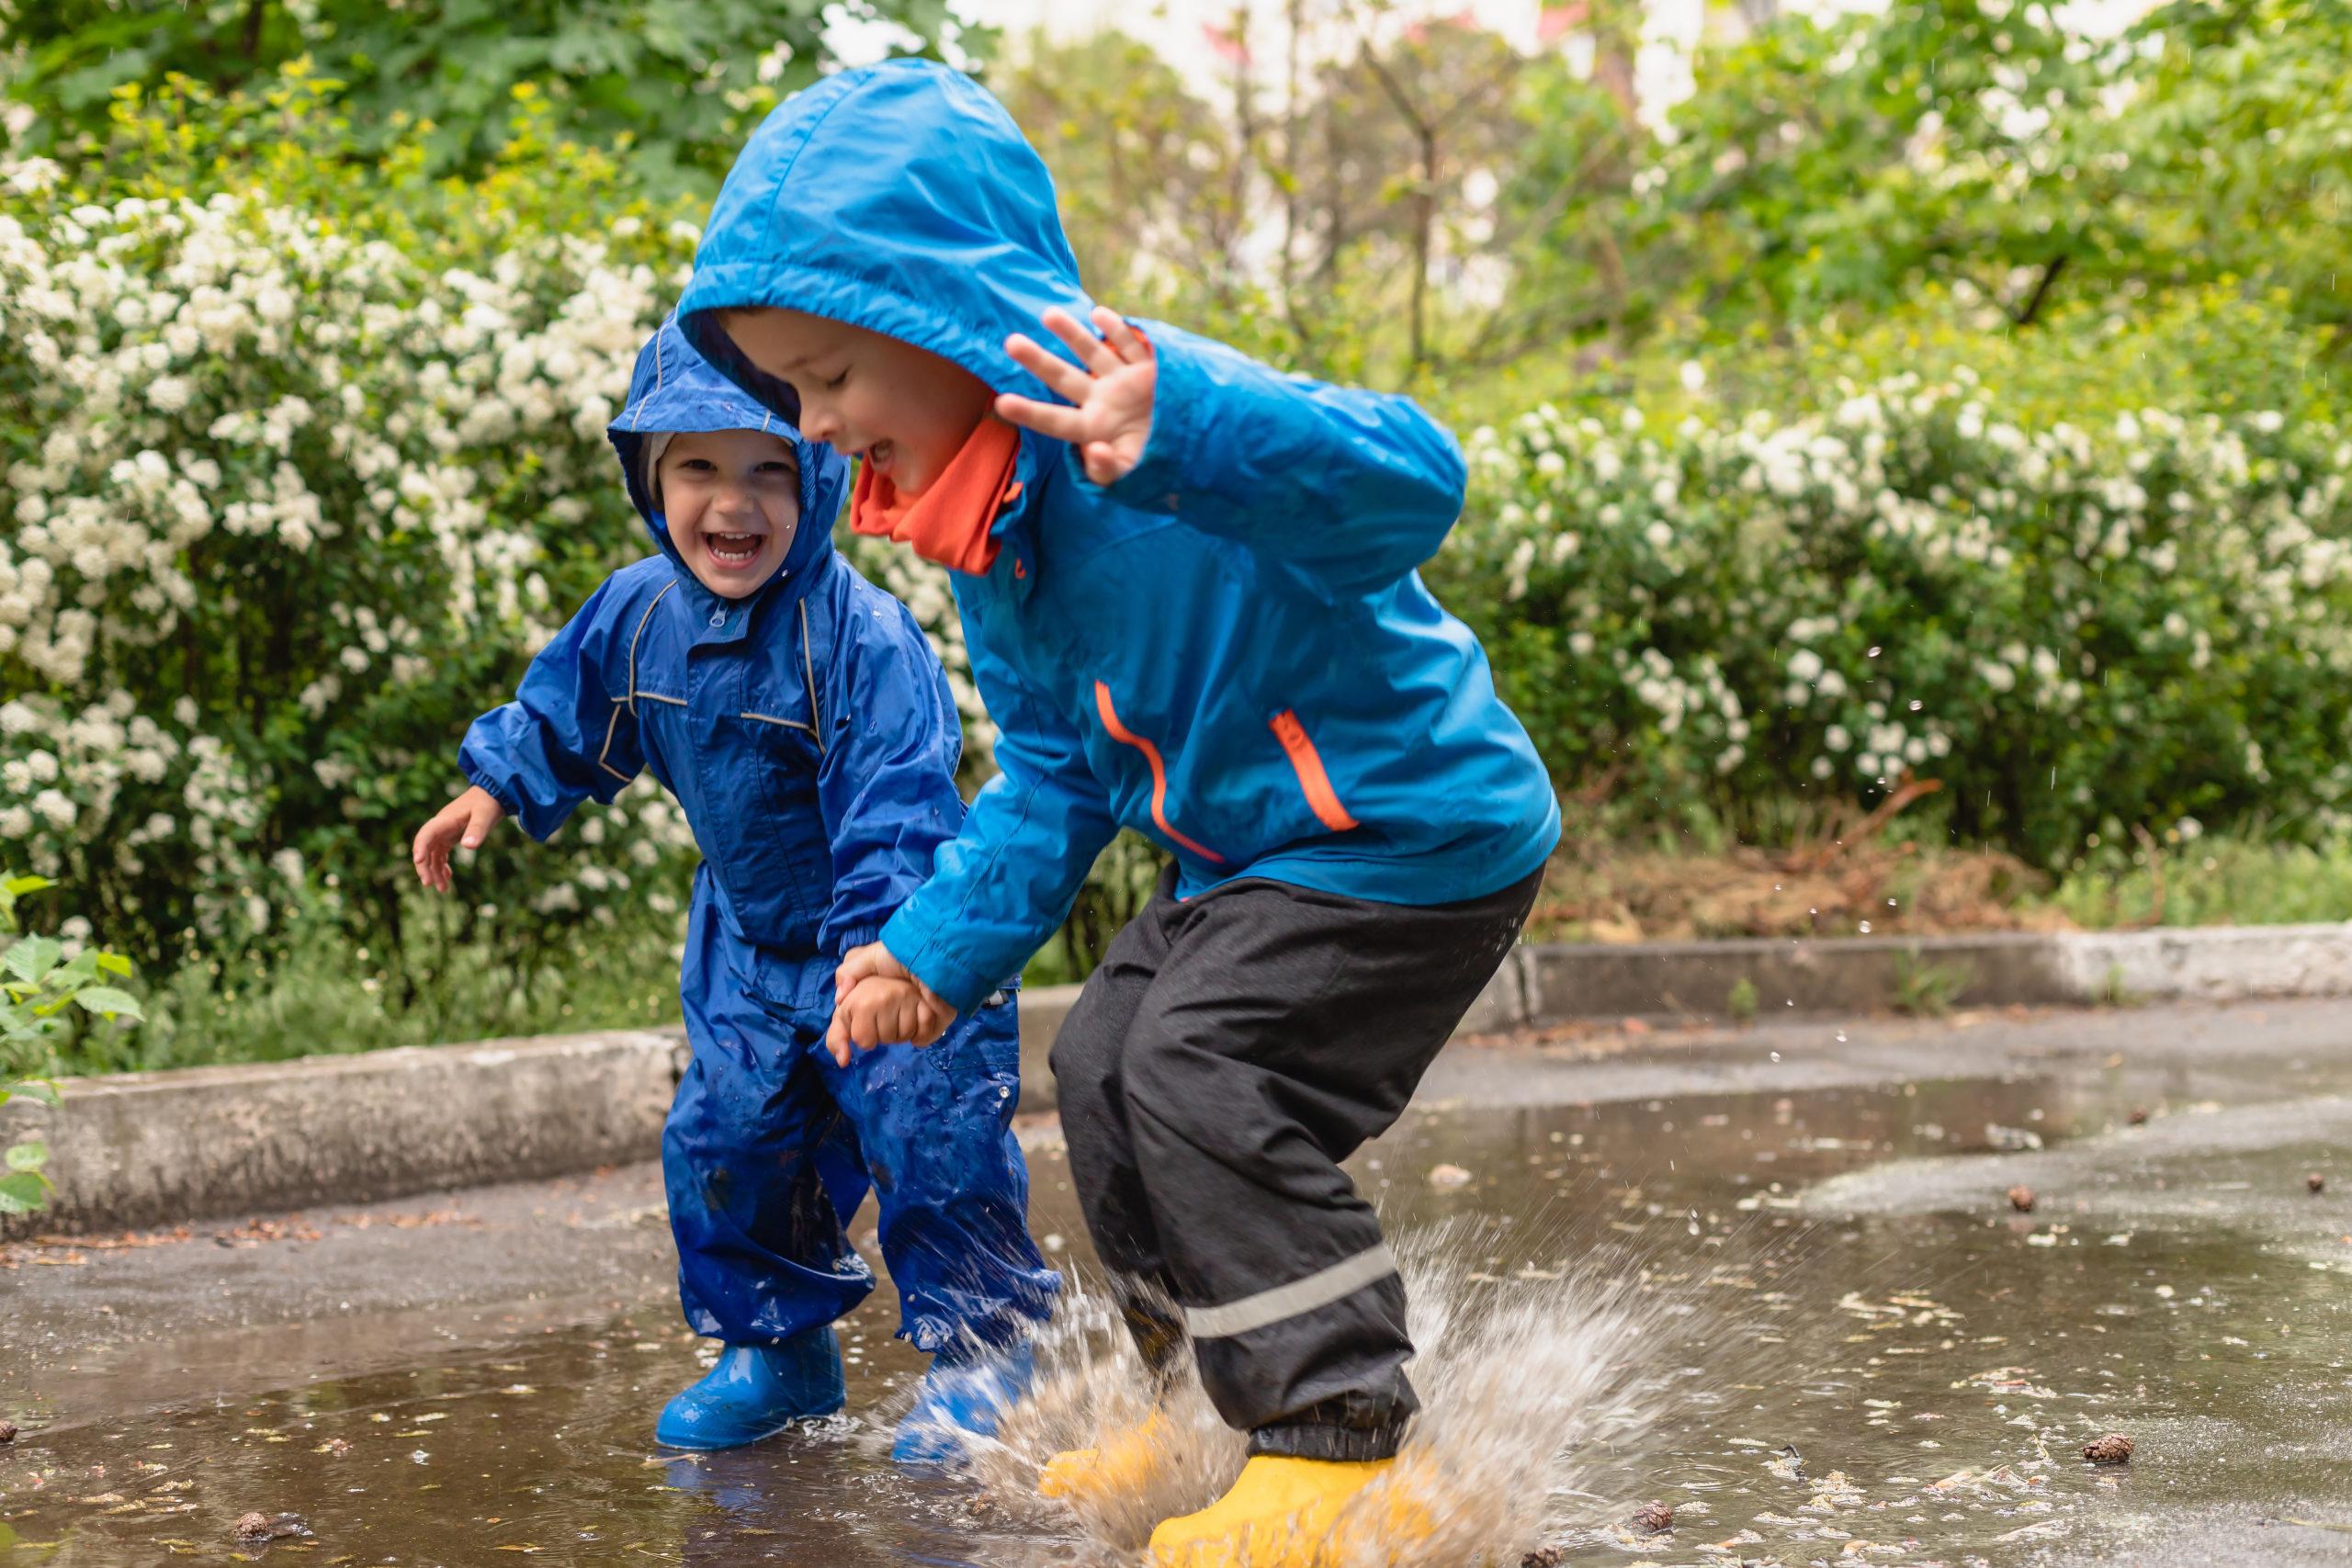 Barn i gallonkläder hoppar i en vattenpöl